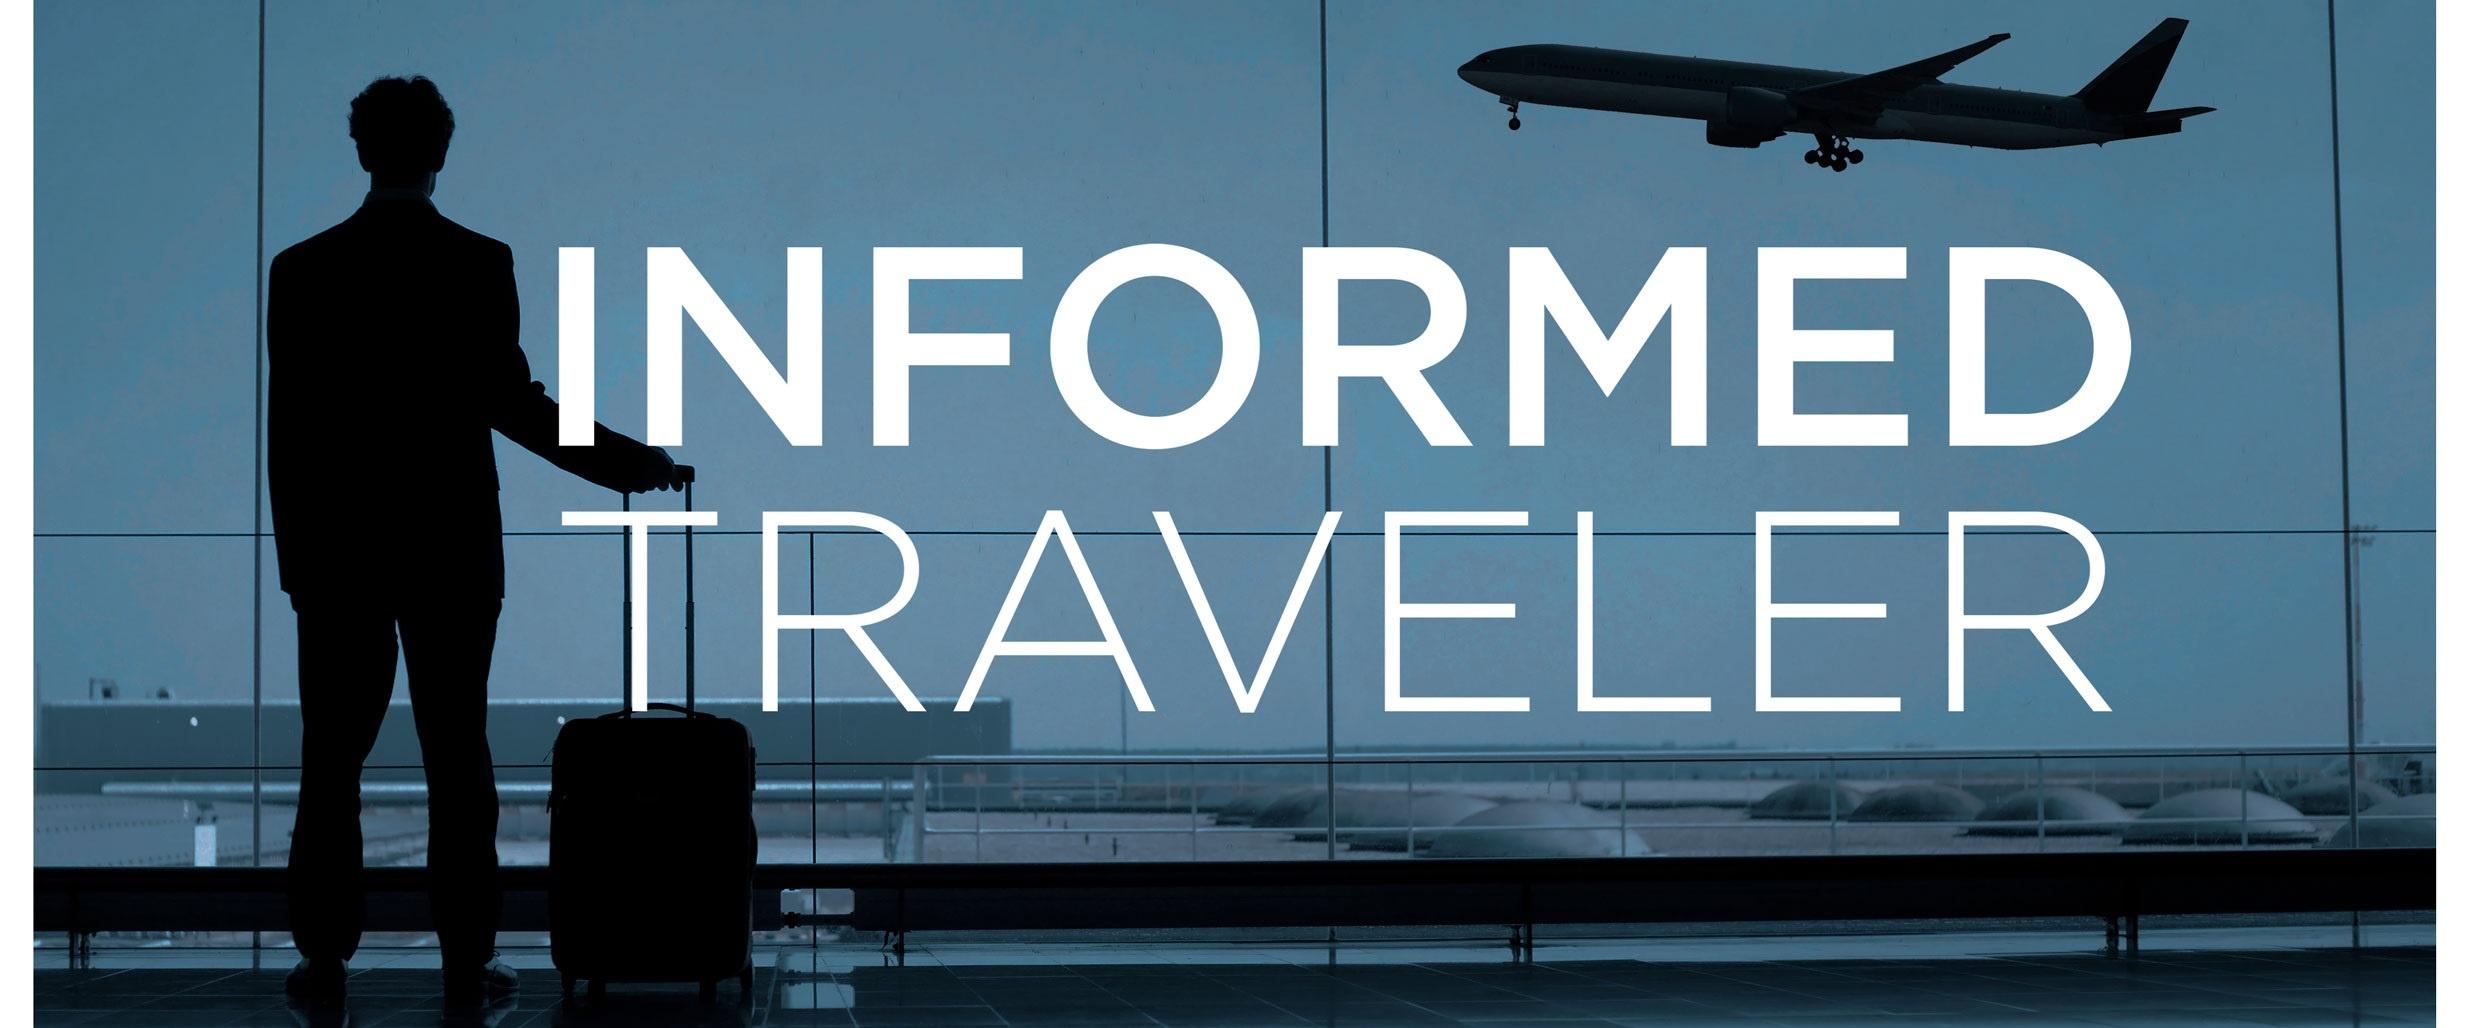 Informed Traveler 2018.jpg